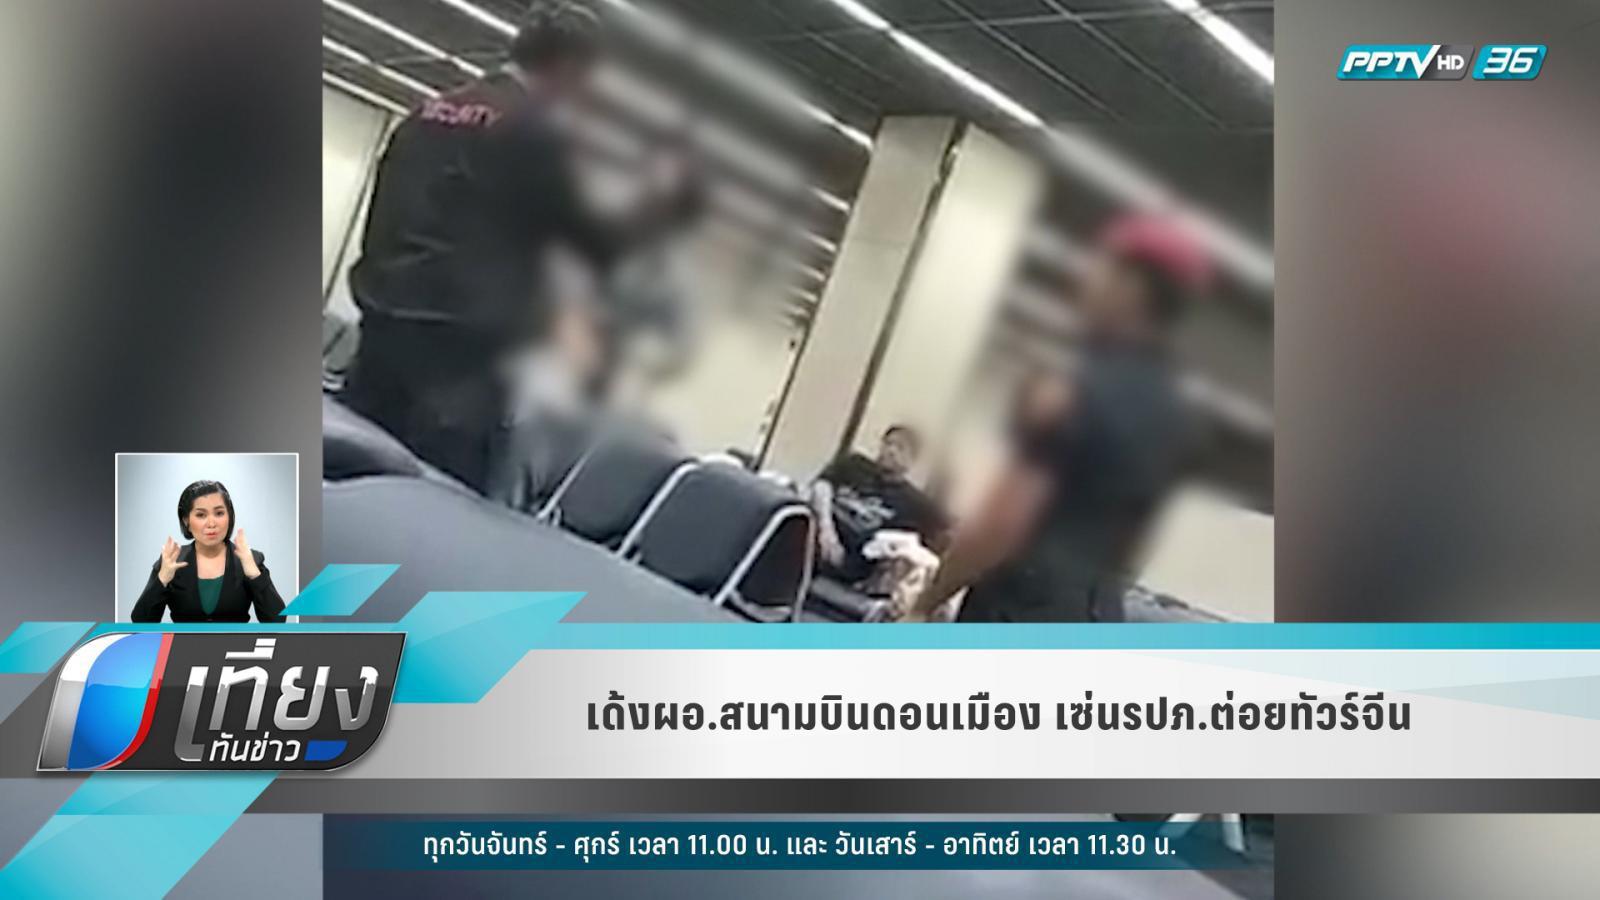 เด้งผอ.สนามบินดอนเมือง เซ่นรปภ.ต่อยทัวร์จีน